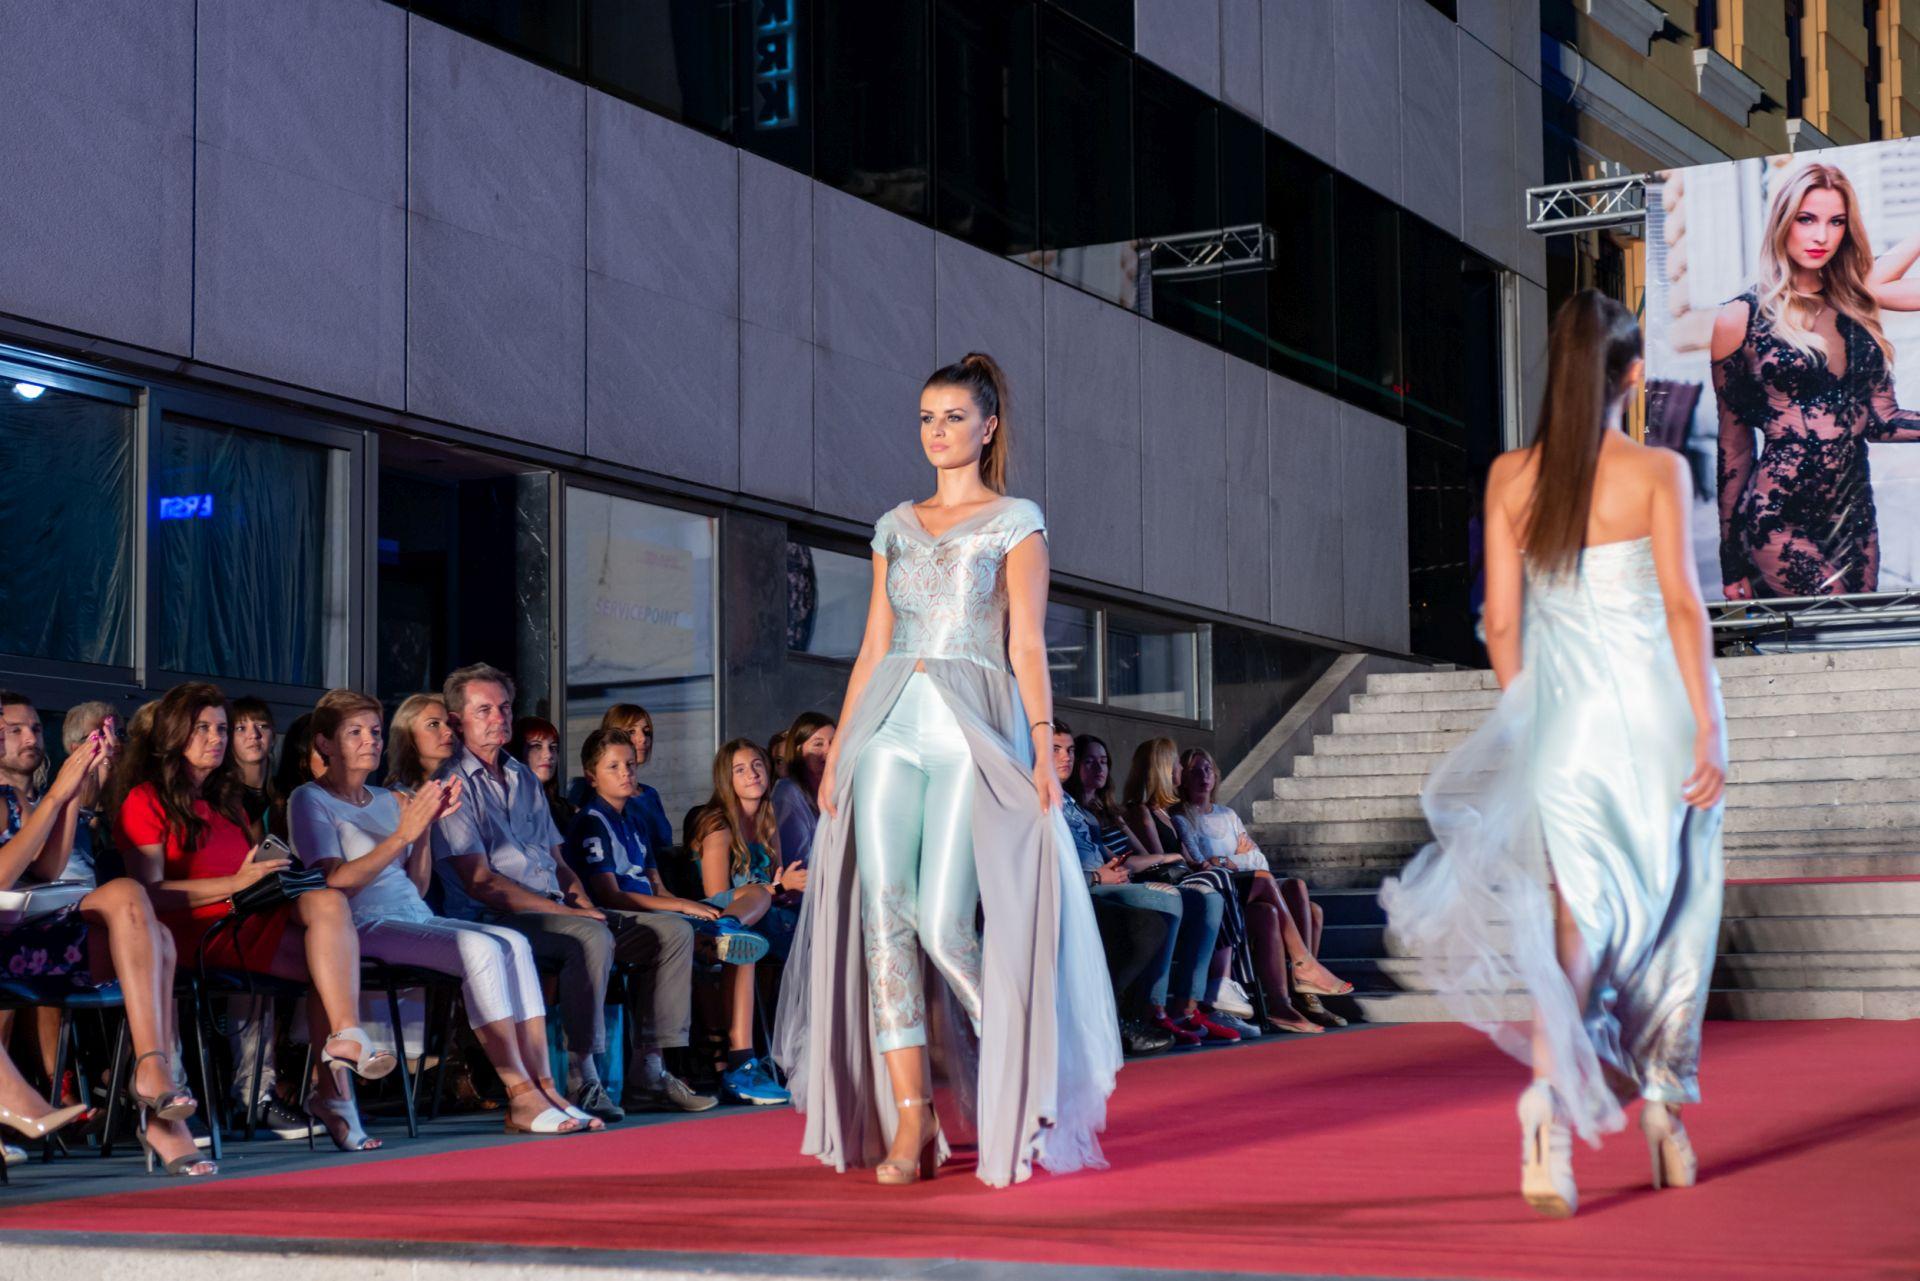 Jedno od najvećih modnih događanja u Hrvatskoj, Riječke stepenice, ponovno neće doživjeti svoje četrnaesto izdanje